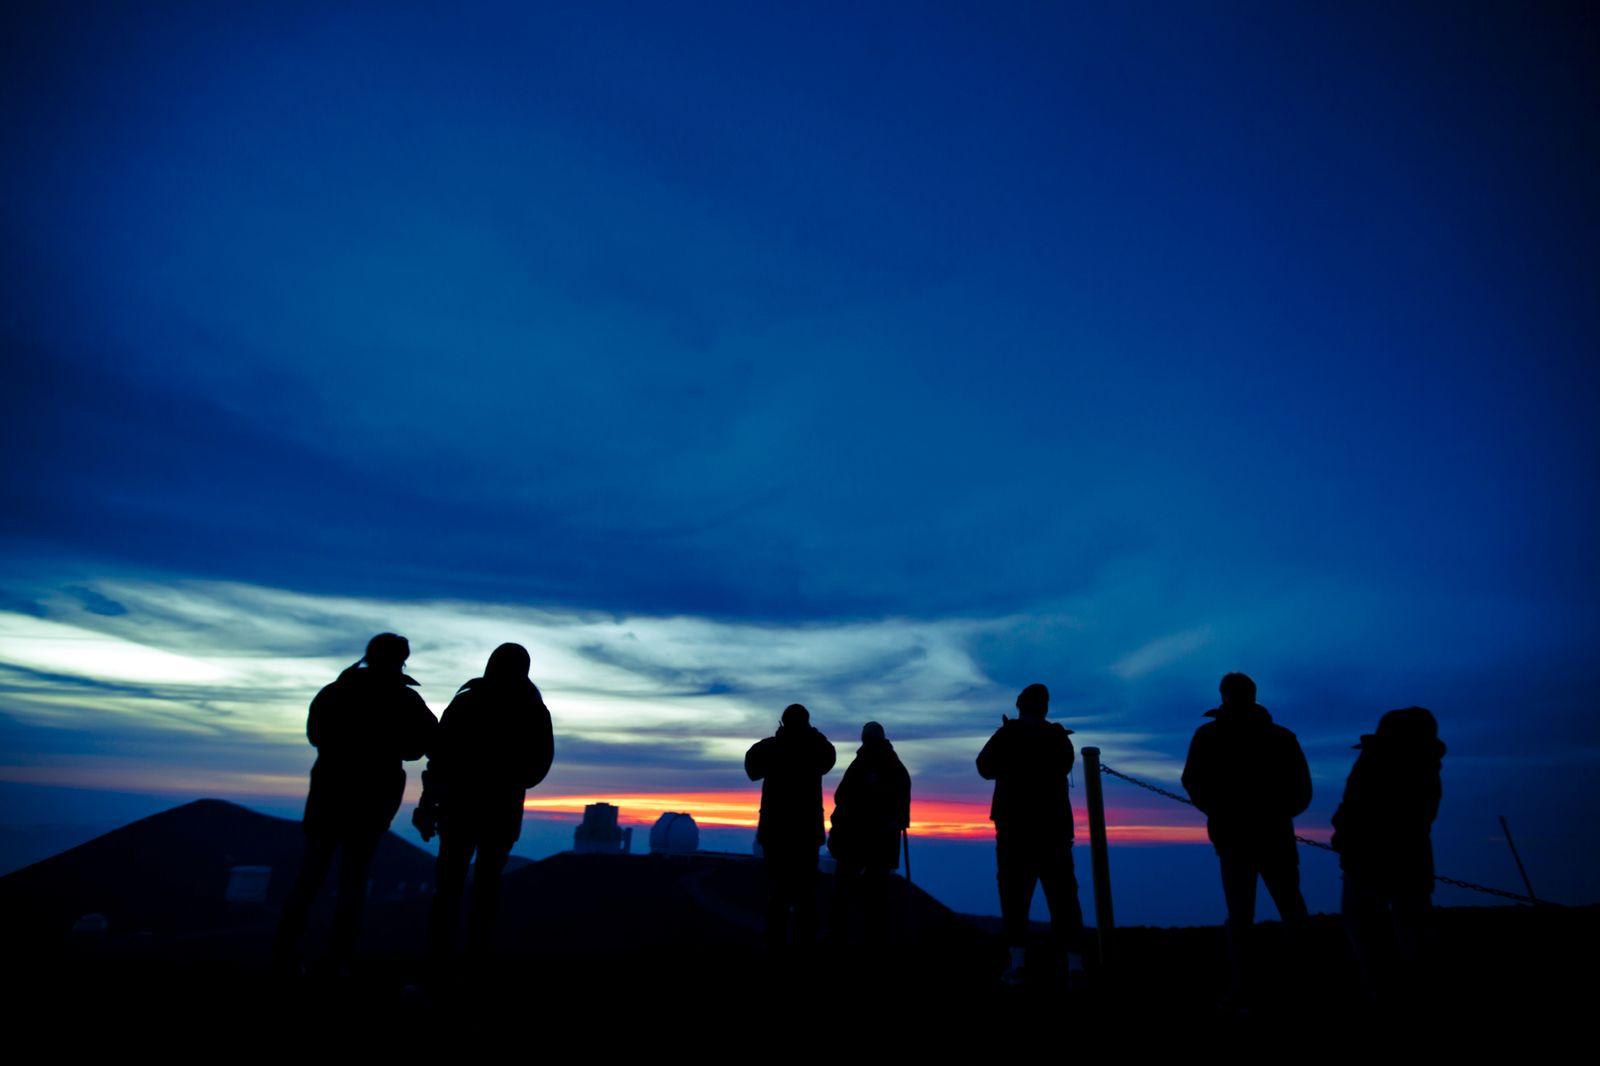 満天の星空に包まれる!一度は行きたいハワイ島「マウナケア」の魅力とは